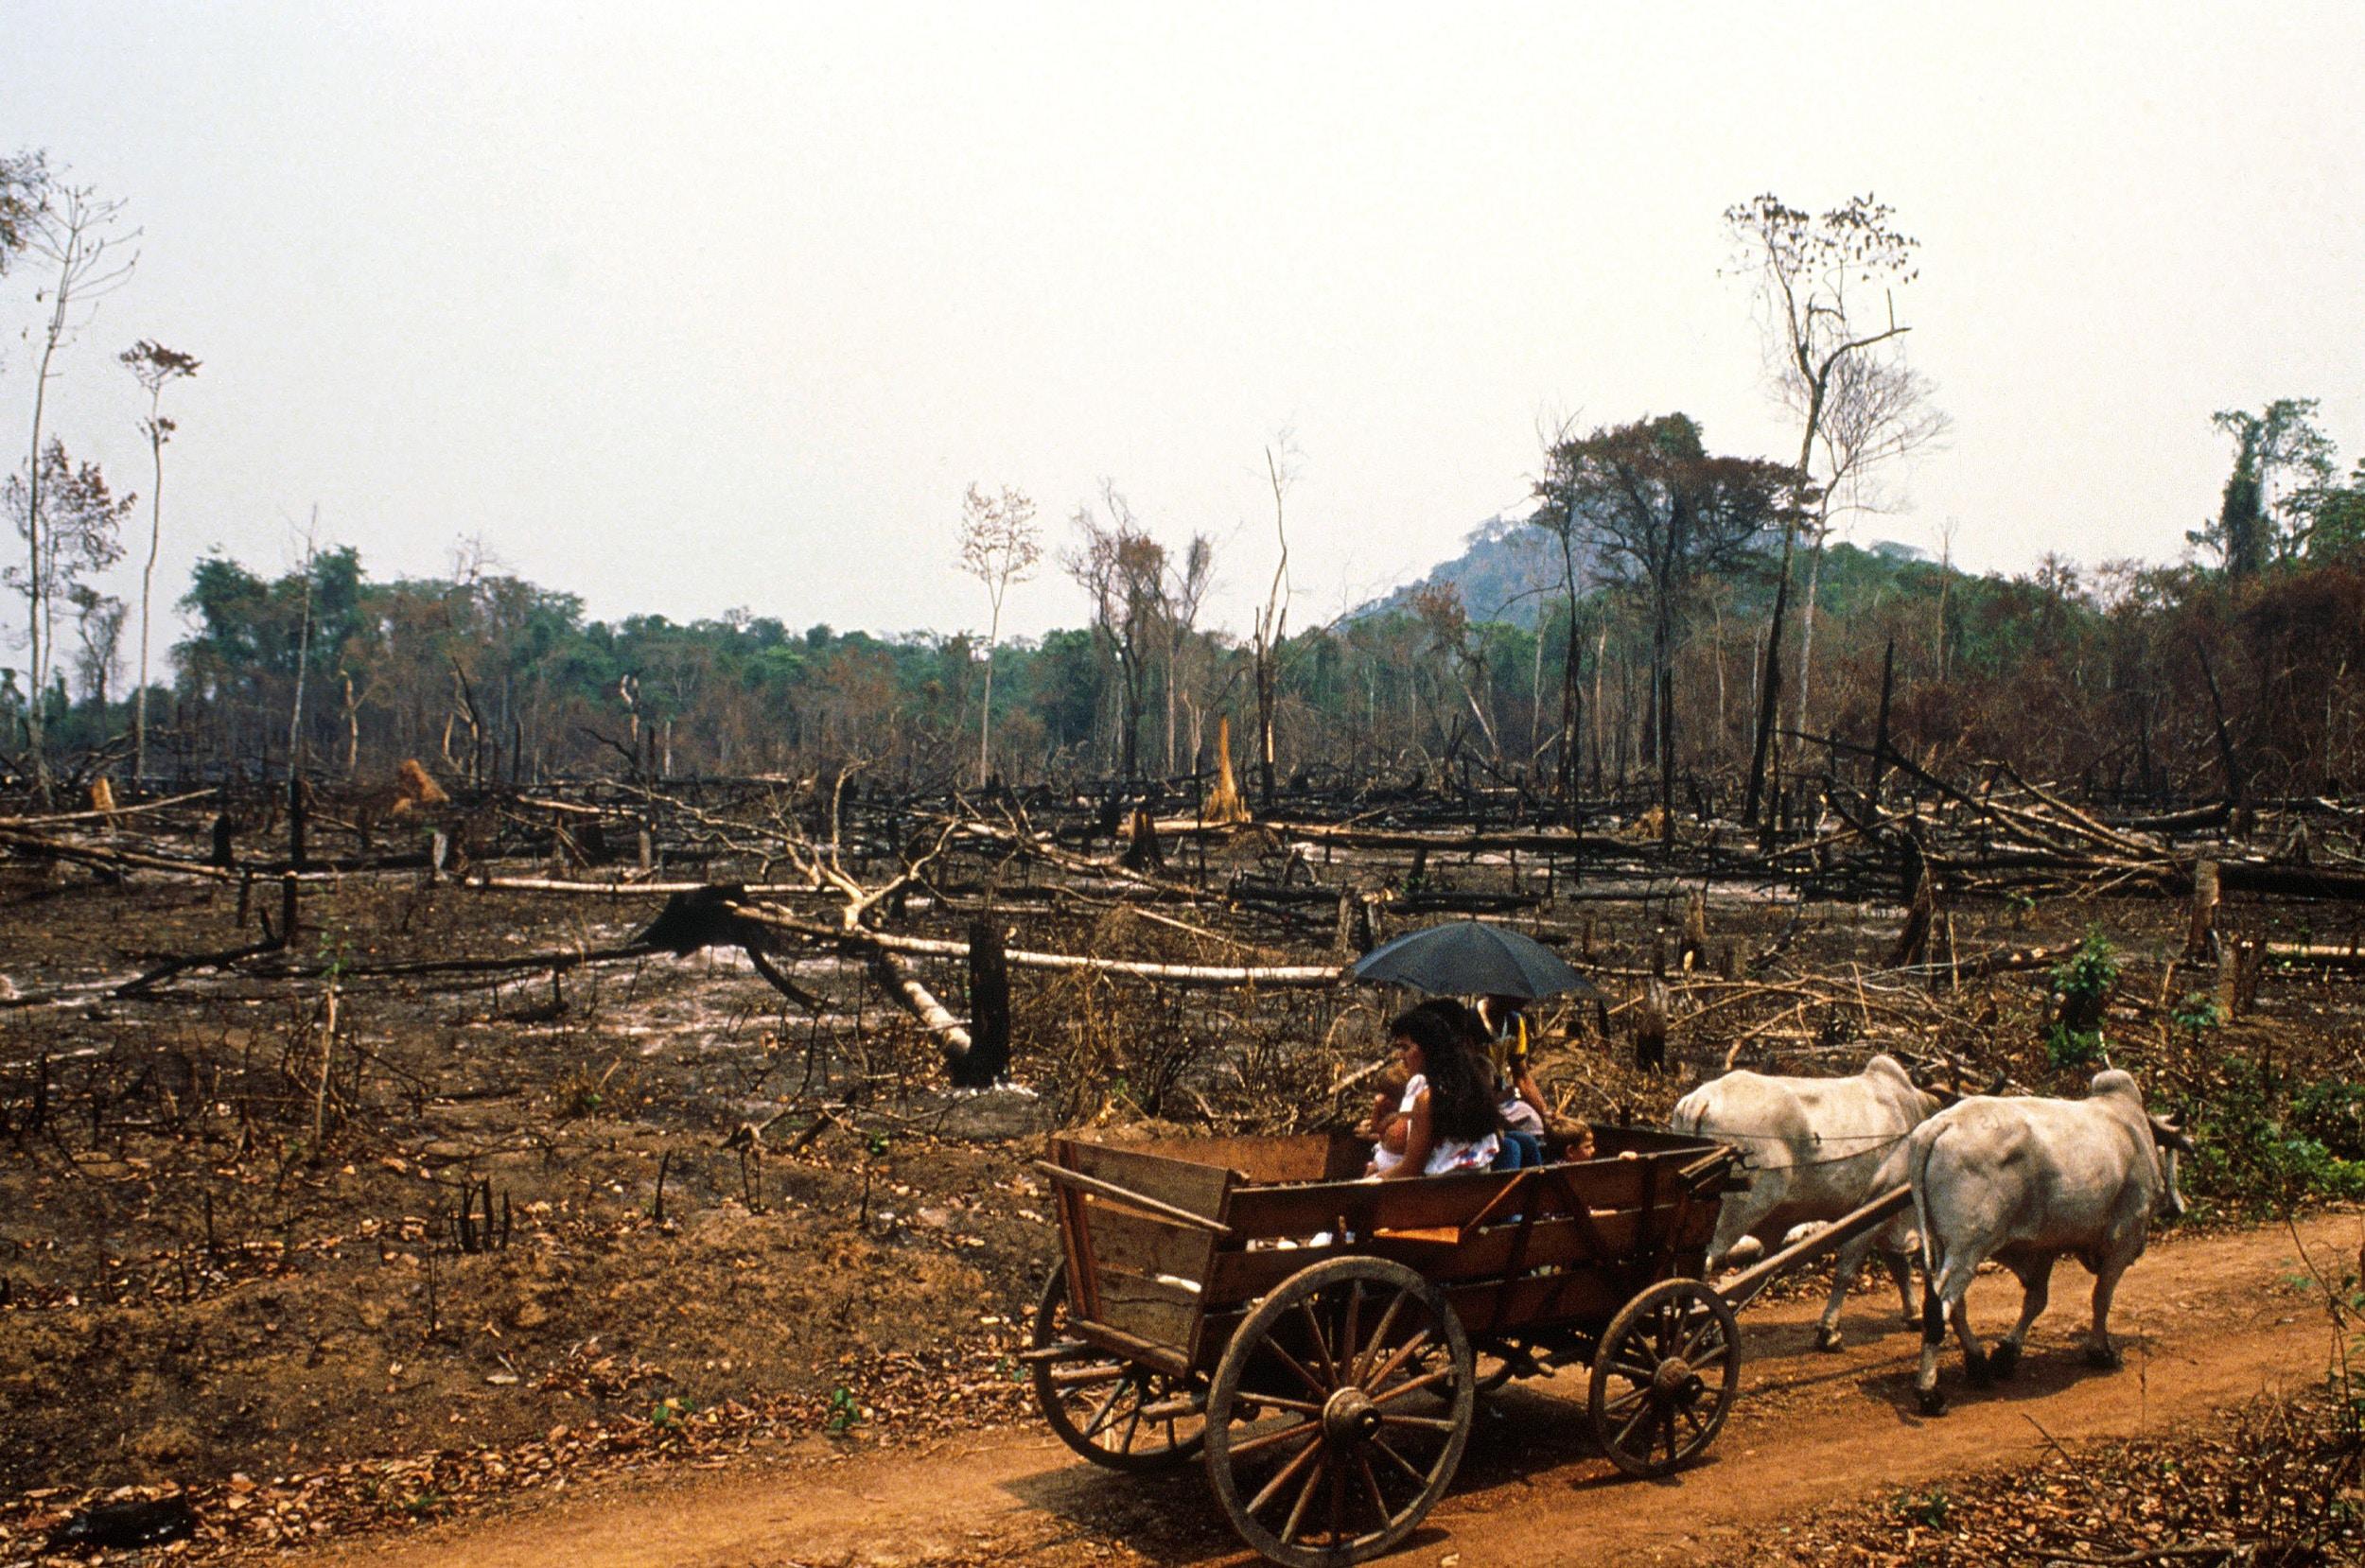 Amazonia 1989 : 1930eko hamarkadatik aurrerapen eta nazionalismo aipamenez justifikatzen du eskuin brasildarrak Amazoniako oihanaren suntsiketa. (Argazkia: Antonio Ribeiro)